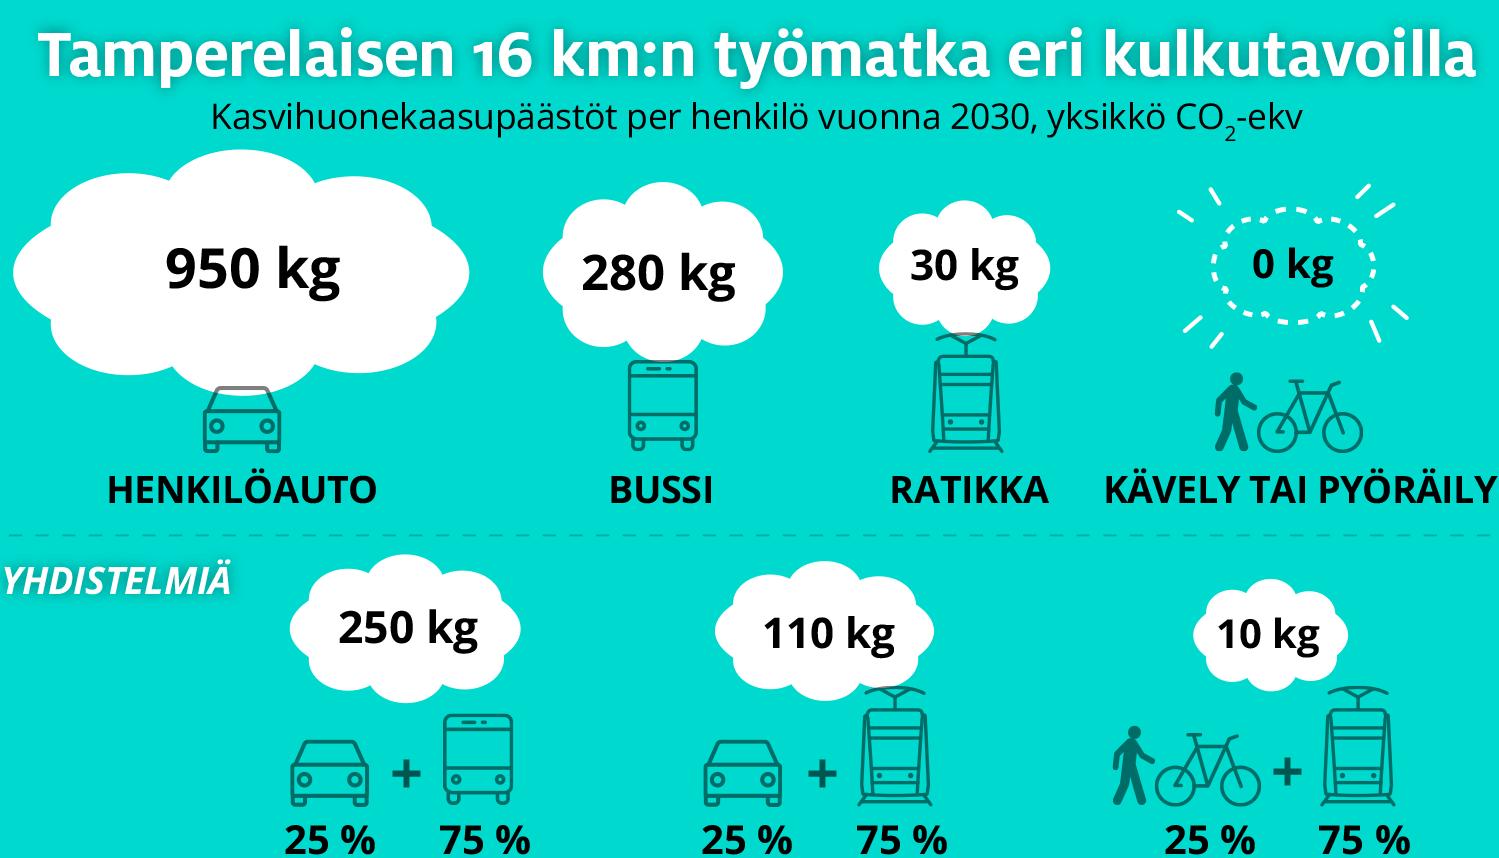 Tampereella työmatkan pituus on nyt keskimäärin 16 km. Vuoden 2030 työmatkoista syntyy kasvihuonekaasuja eri kulkuvälineillä seuraavasti: henkilöauto 950 kg, bussi 280 kg, ratikka 30 kg, kävely tai pyöräily 0 kg. Jos työmatkasta kuljetaan neljäsosa autolla ja loput bussilla, syntyy kasvihuonekaasuja 250 kg. Jos kuljetaan neljäsosa autolla ja loput ratikalla, on päästömäärä 110 kg. Kun kuljetaan neljäsosa jalan tai pyörällä ja loput ratikalla, tulee päästöjä enää 10 kg.